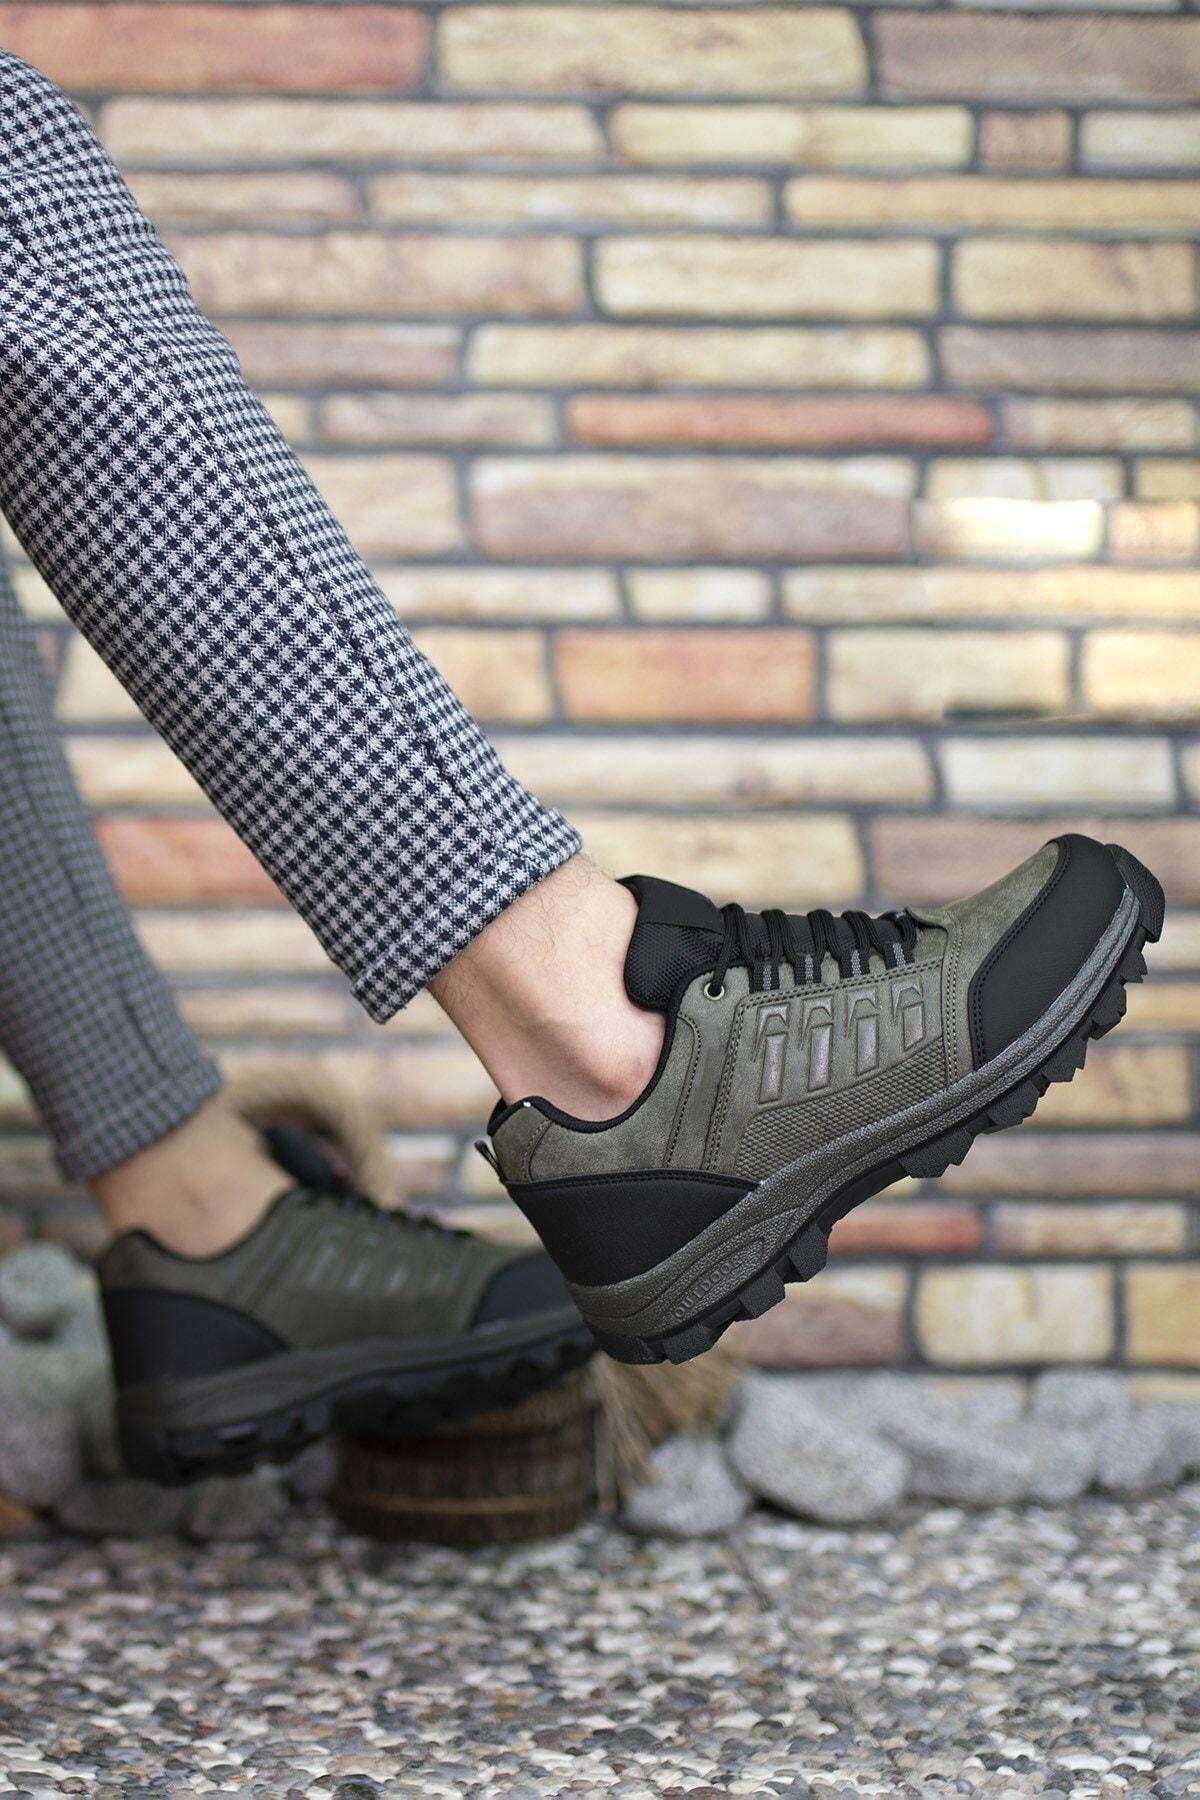 Riccon Haki Kadın Trekking Ayakkabı 0012x5 2